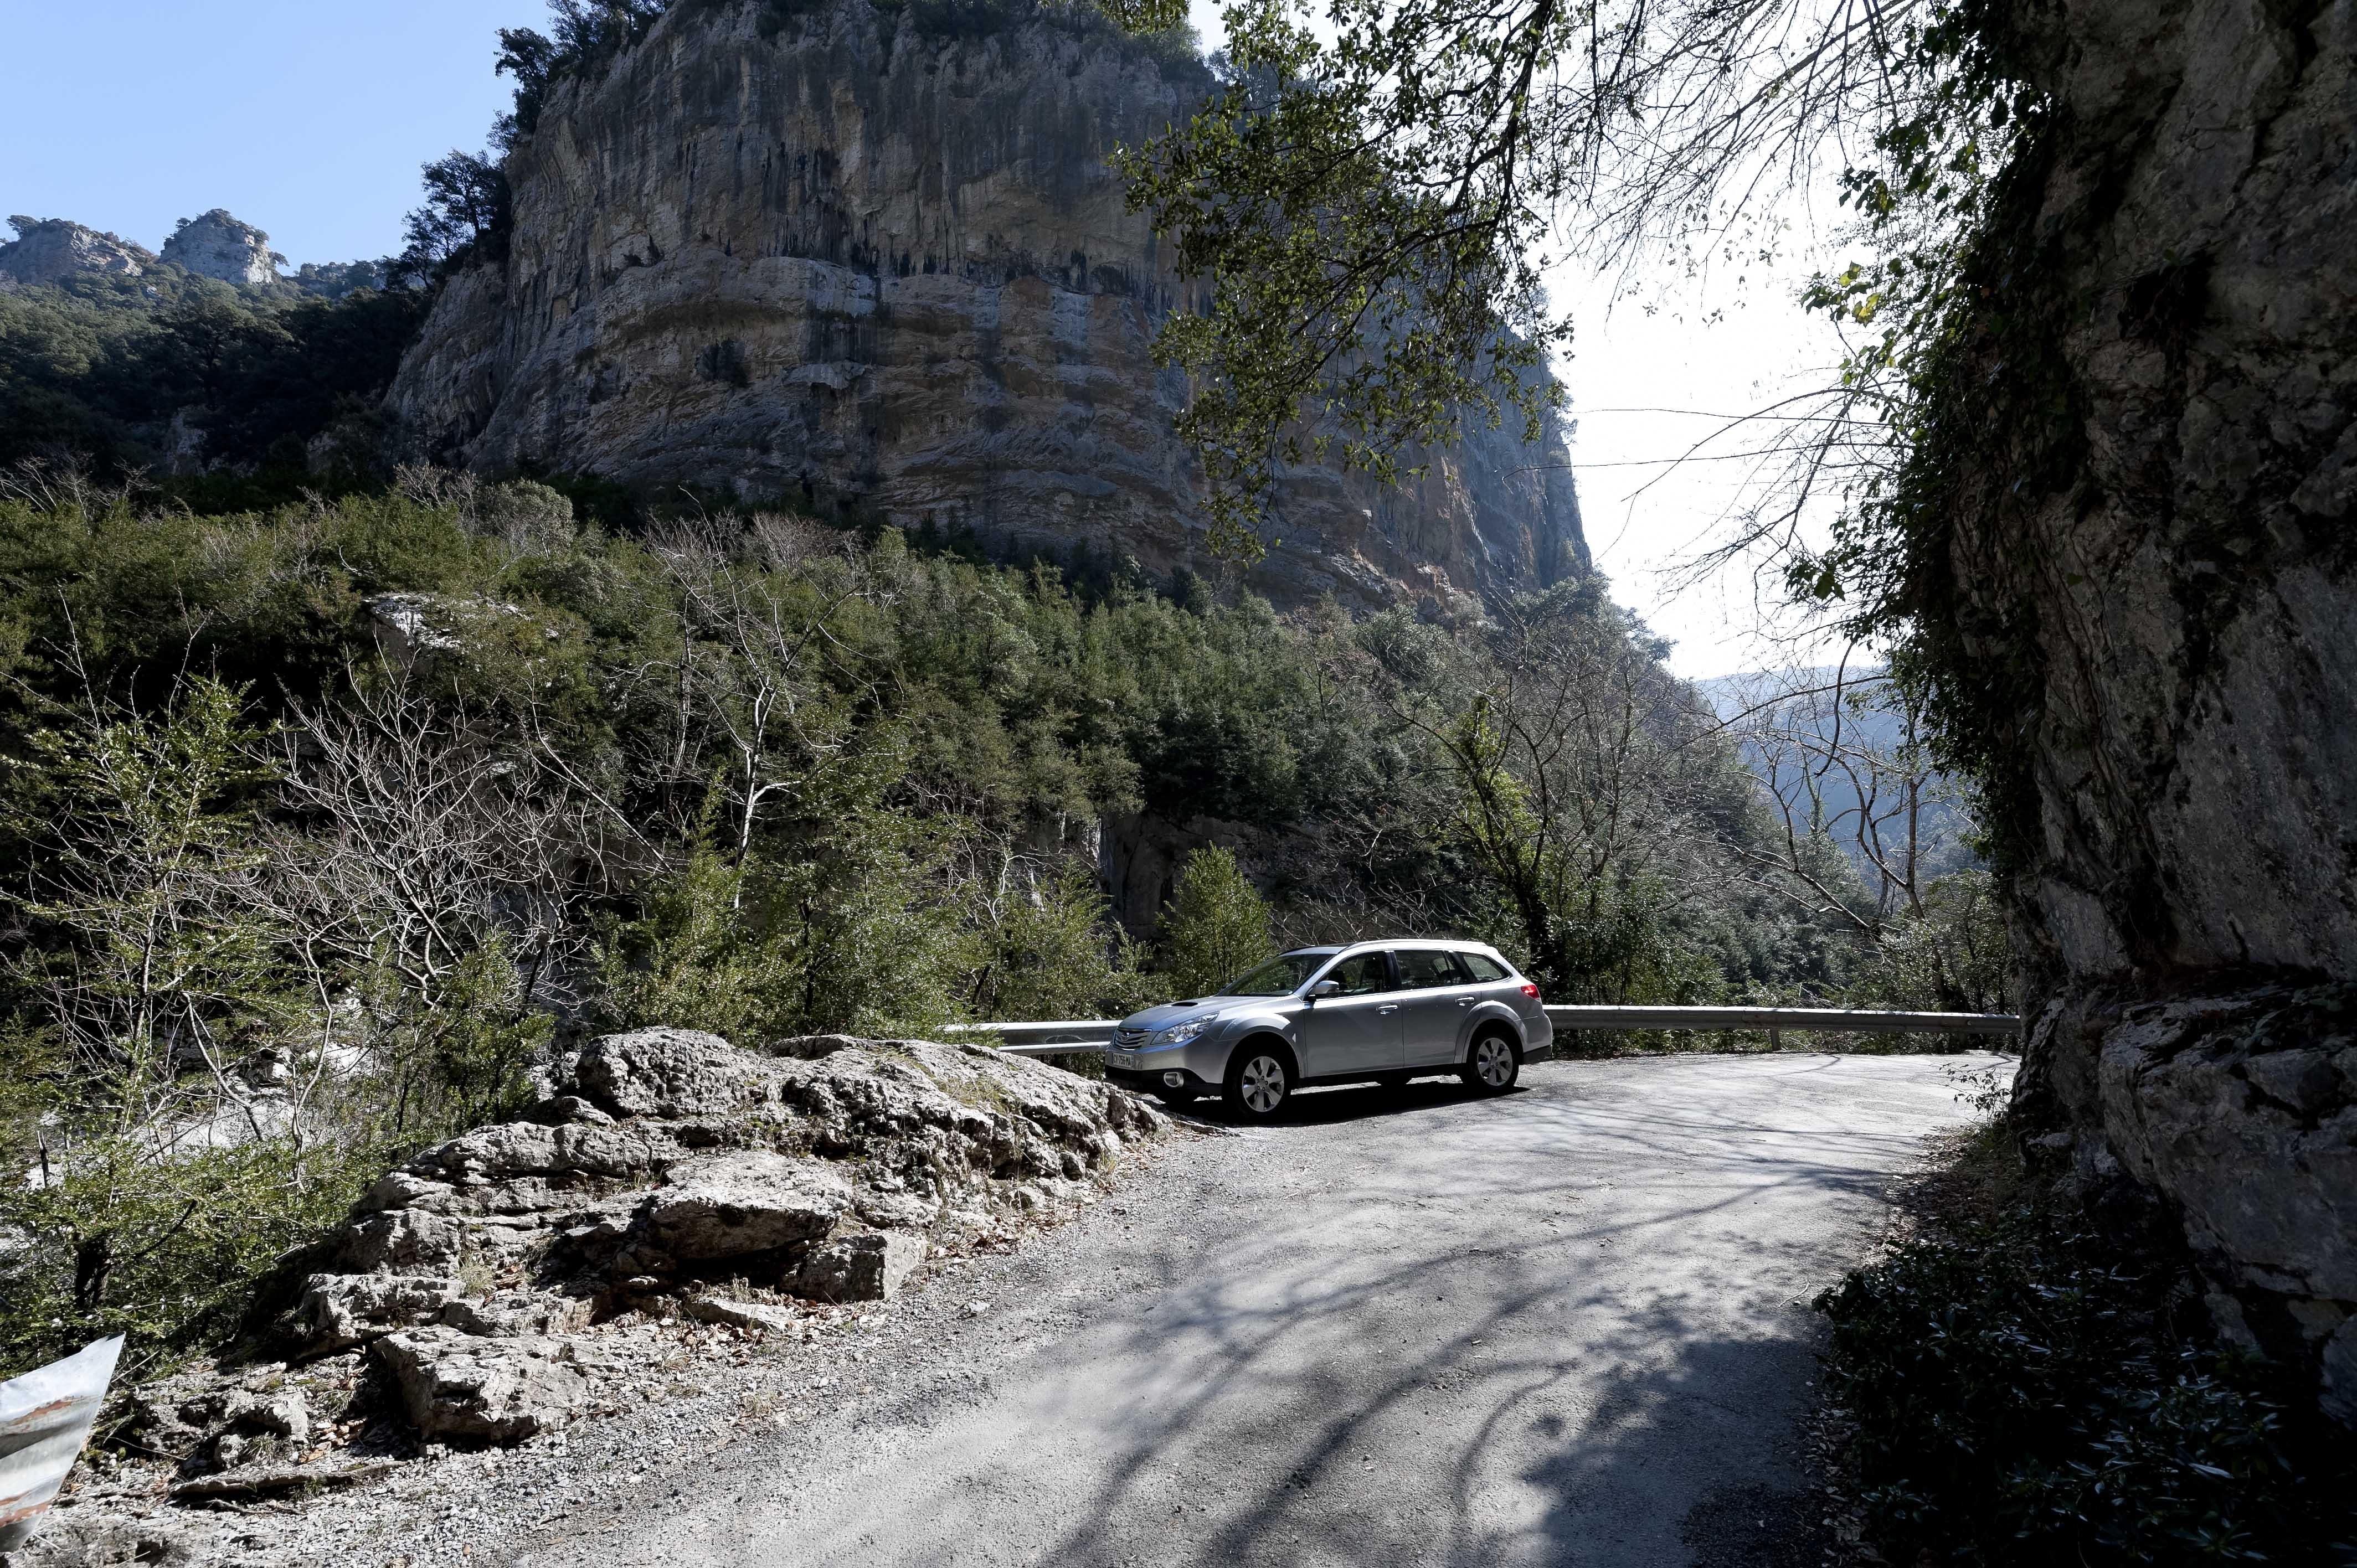 5247_Canyon de Anisclo (Sobrarbe Aragon)